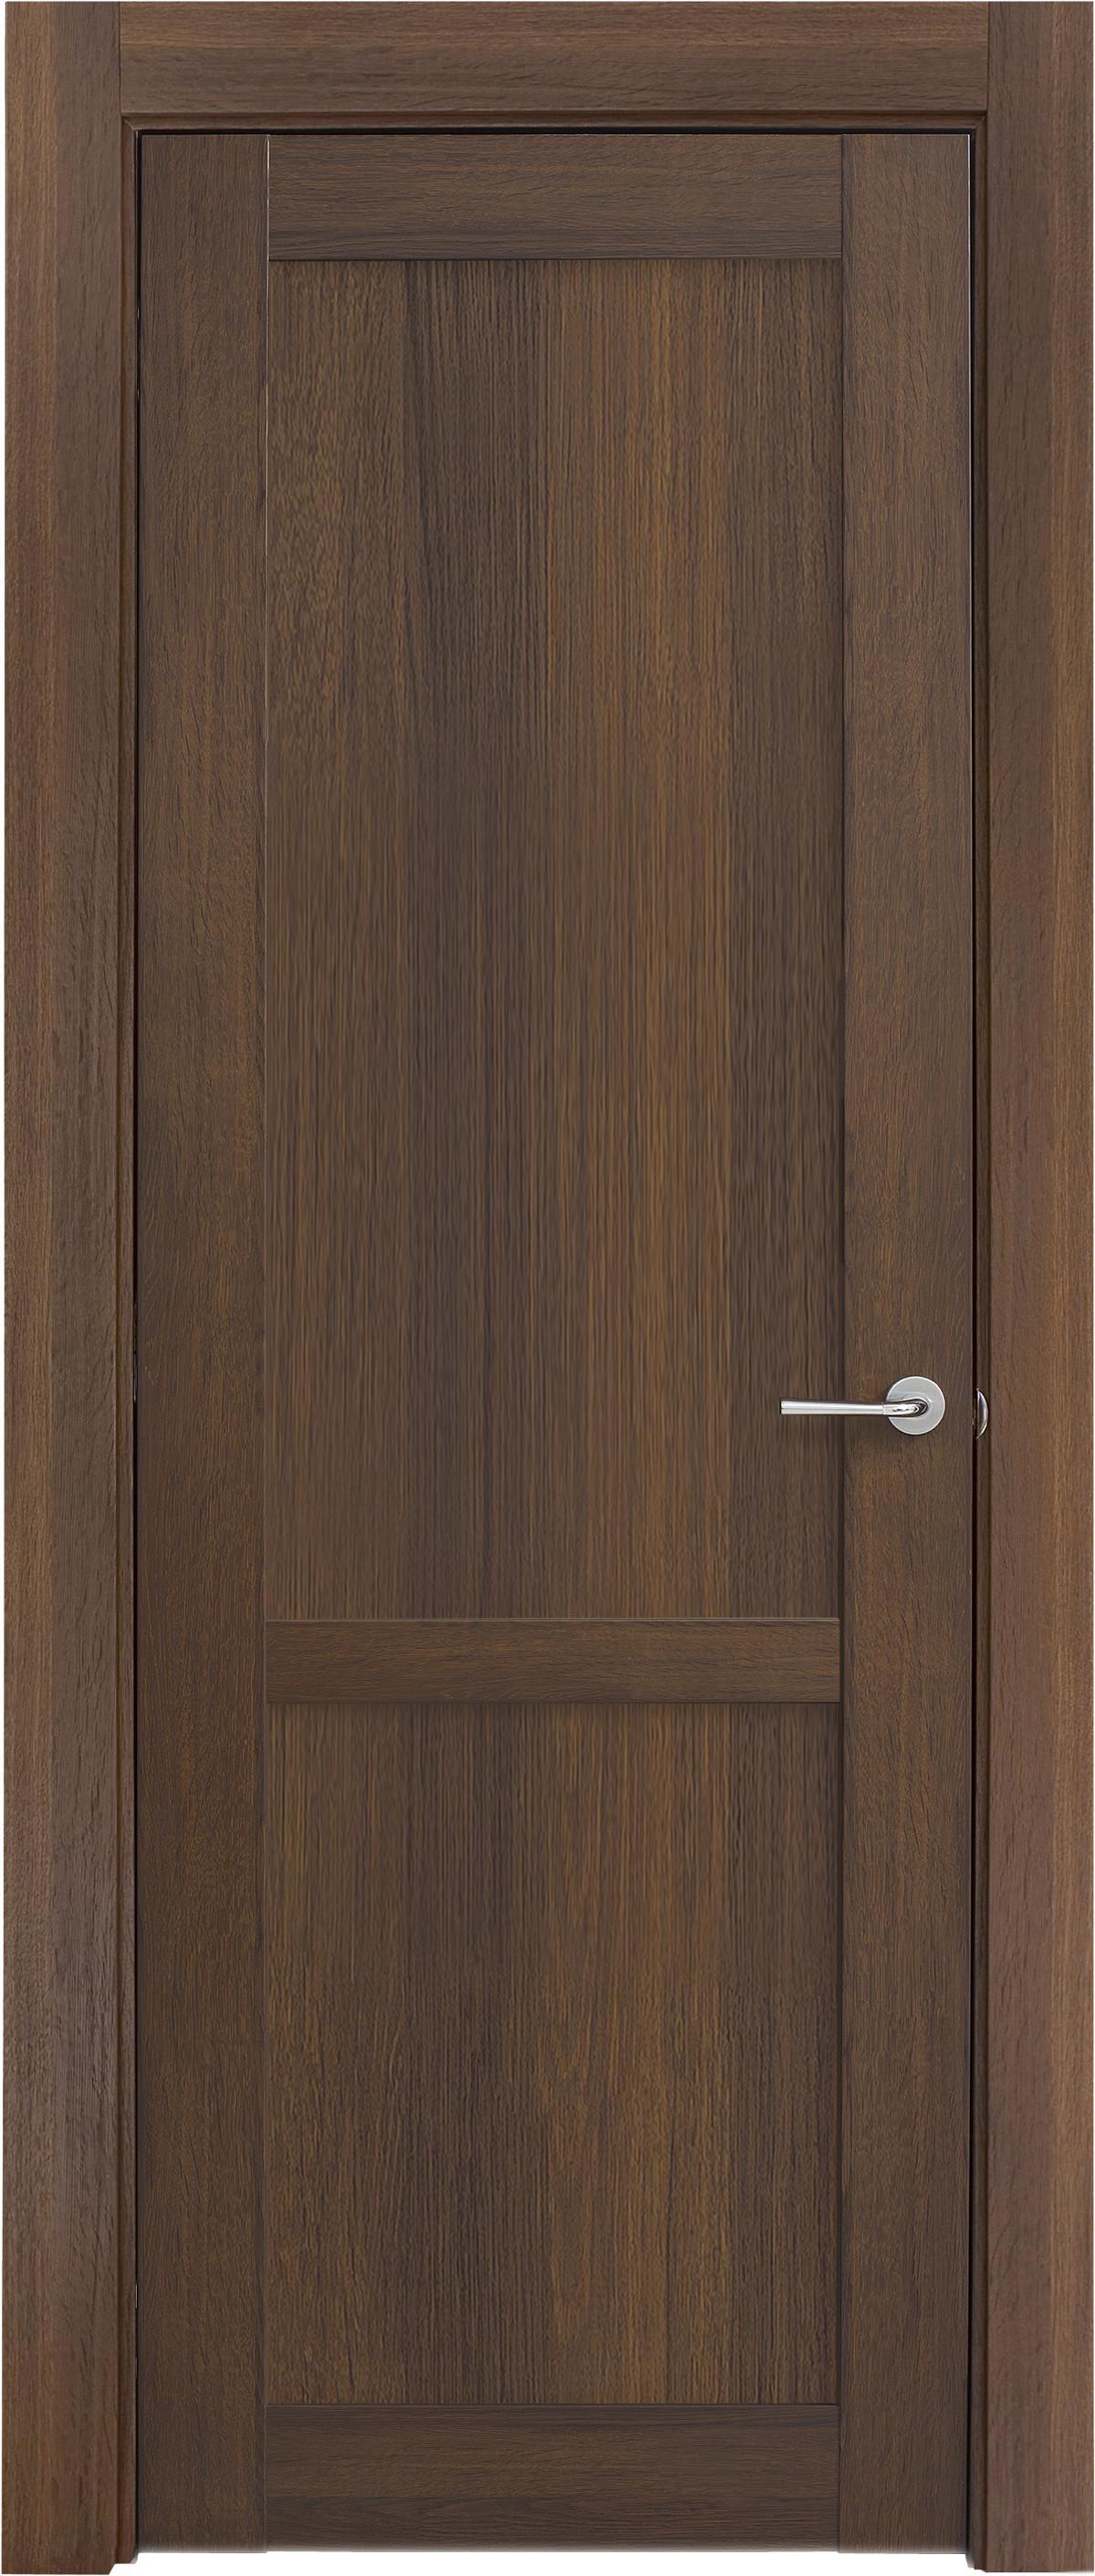 Межкомнатная / входная дверь, отделка: экошпон ГРЕЧЕСКИЙ ОРЕХ, Solo 2B